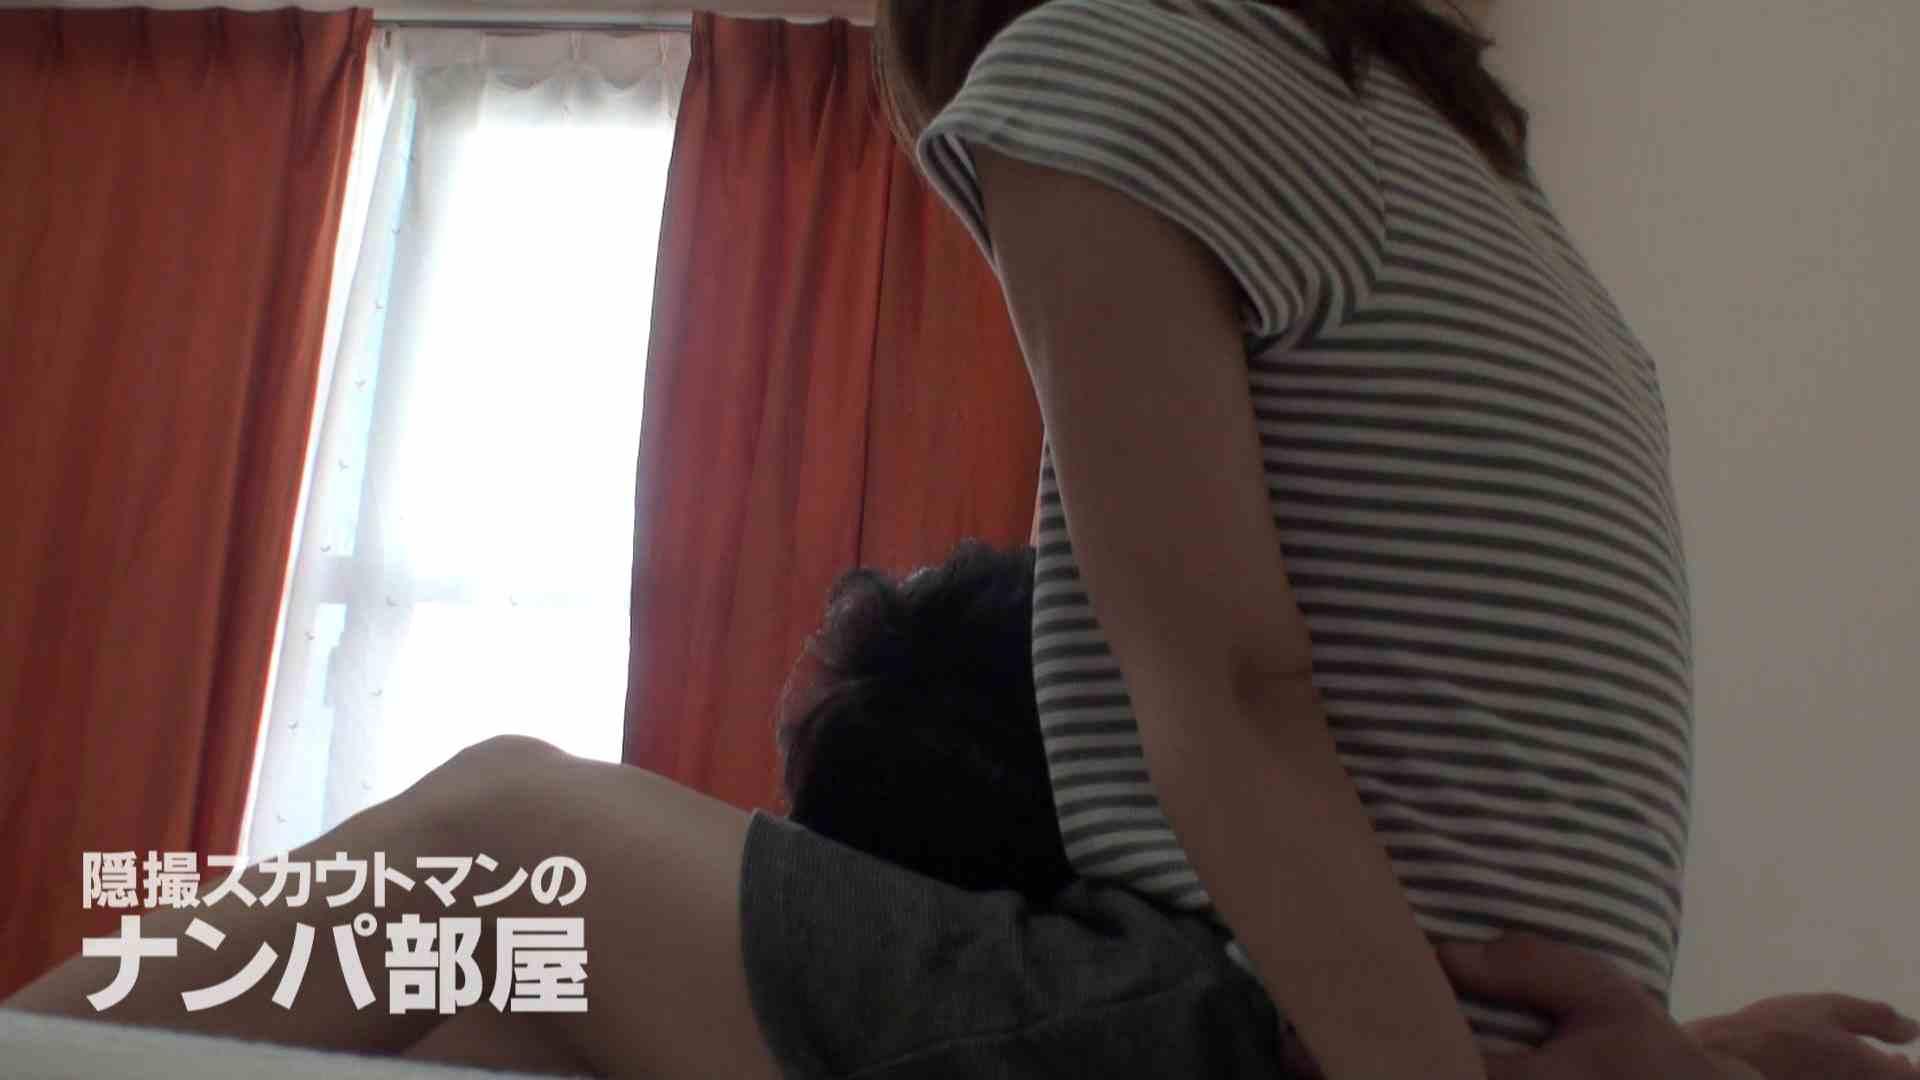 隠撮スカウトマンのナンパ部屋~風俗デビュー前のつまみ食い~ siivol.3 OLのエロ生活  39連発 24